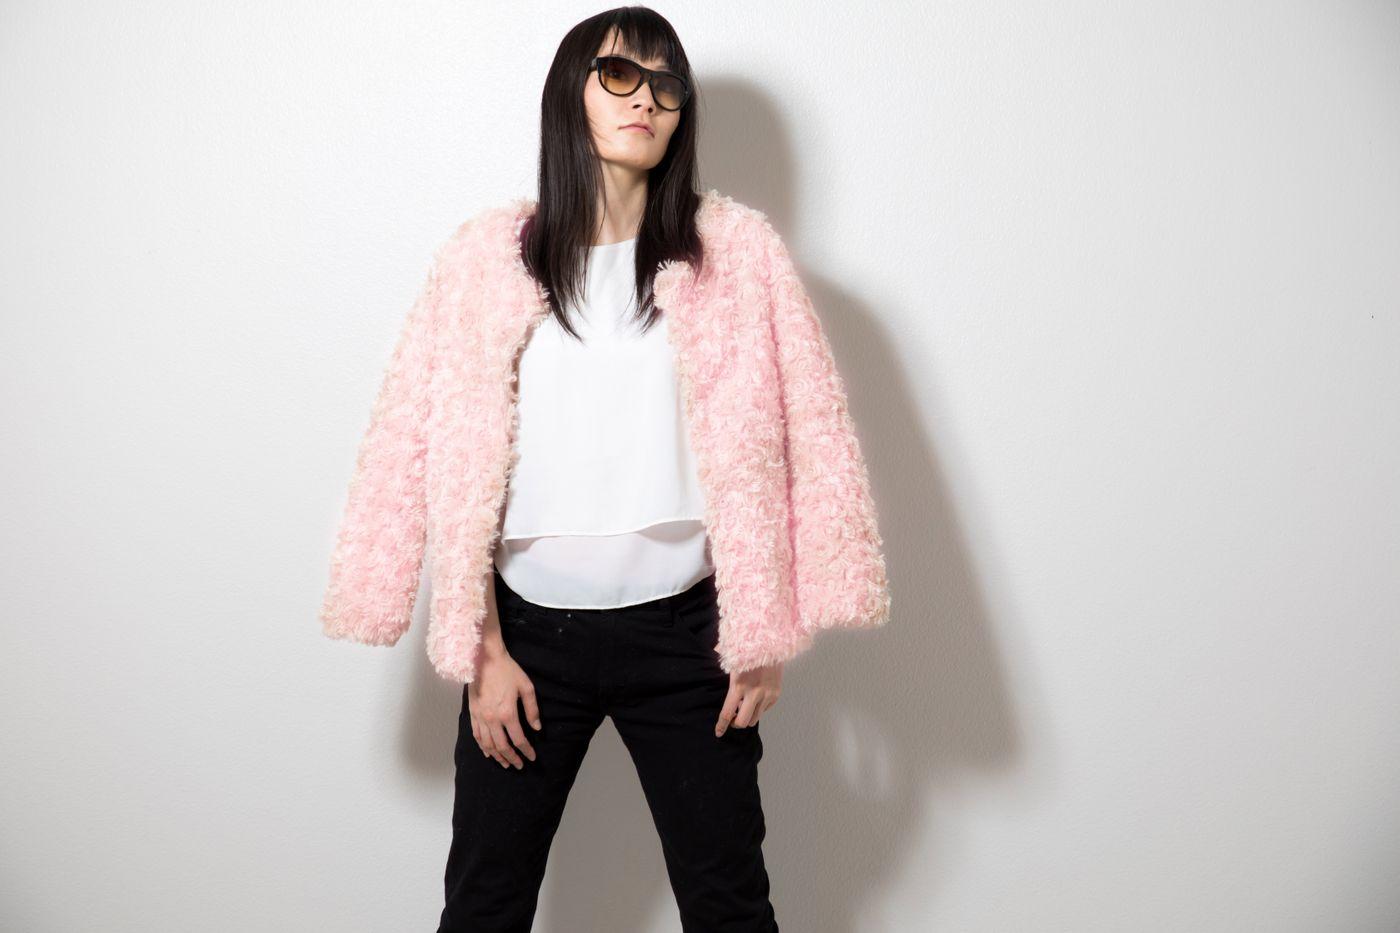 ピンク色のプードルコートを着た女性の写真